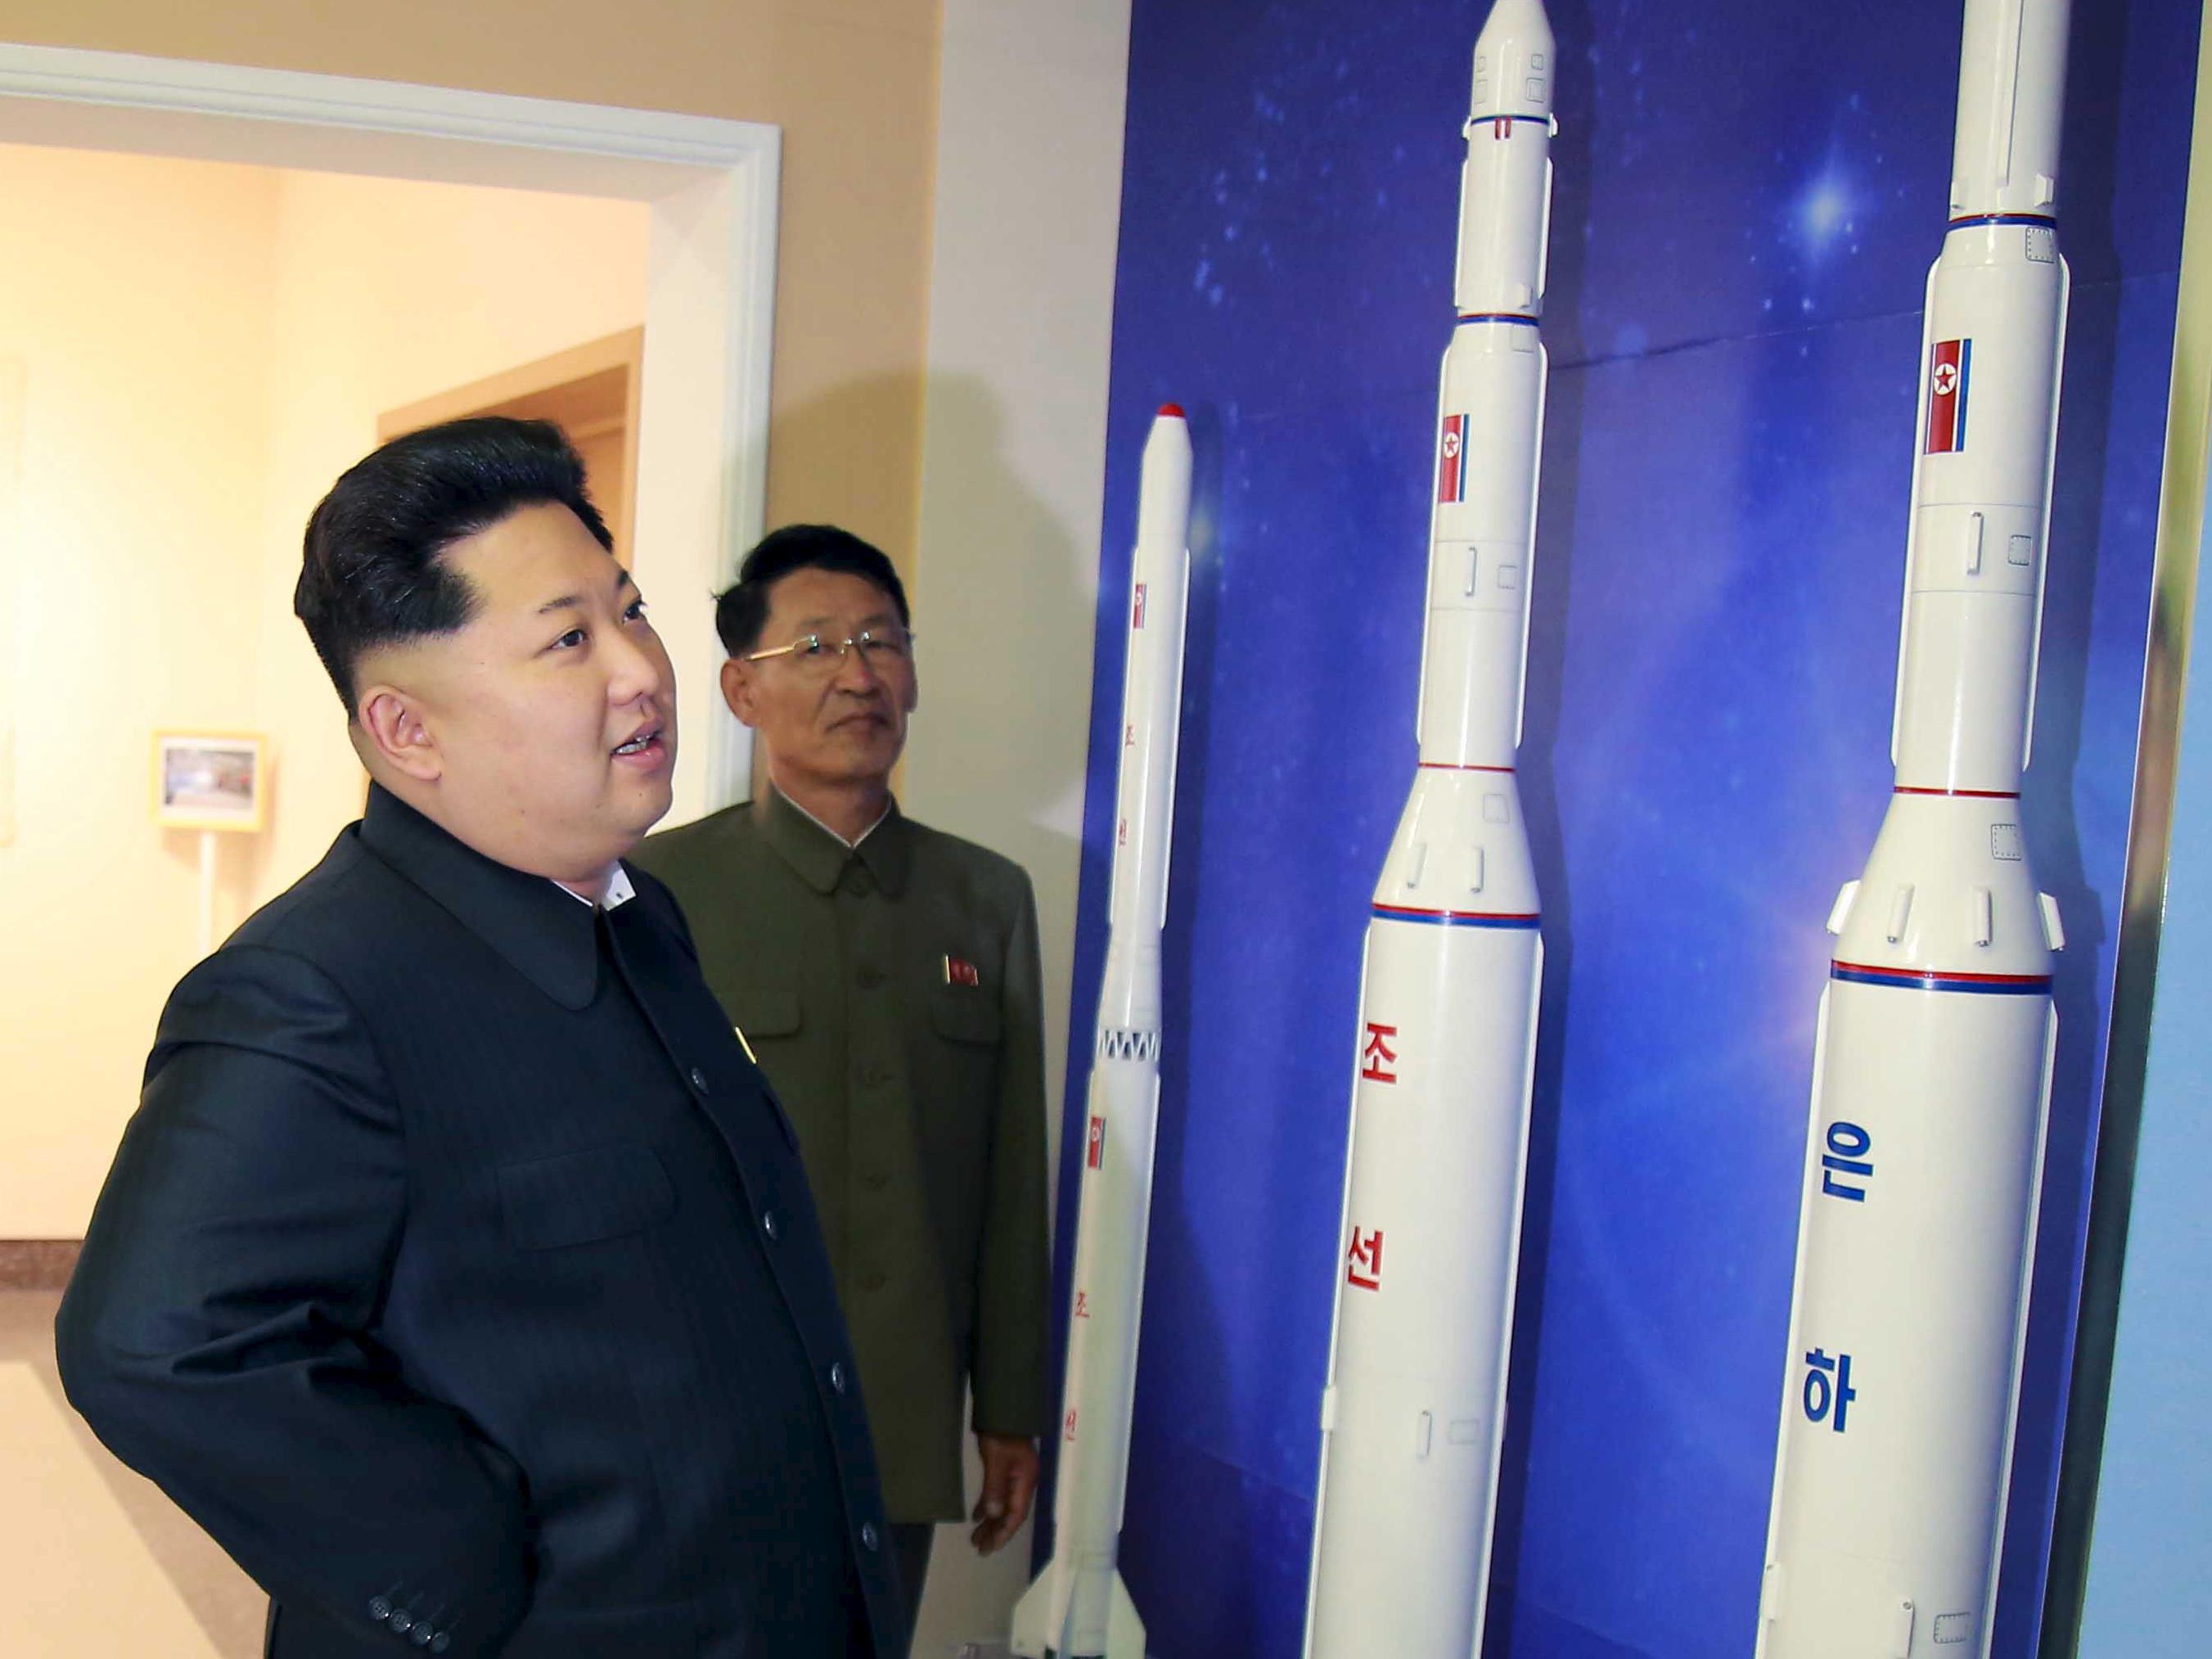 كوريا الشمالية تطلقُ صاروخاً جديداً.. وترامب يهدد